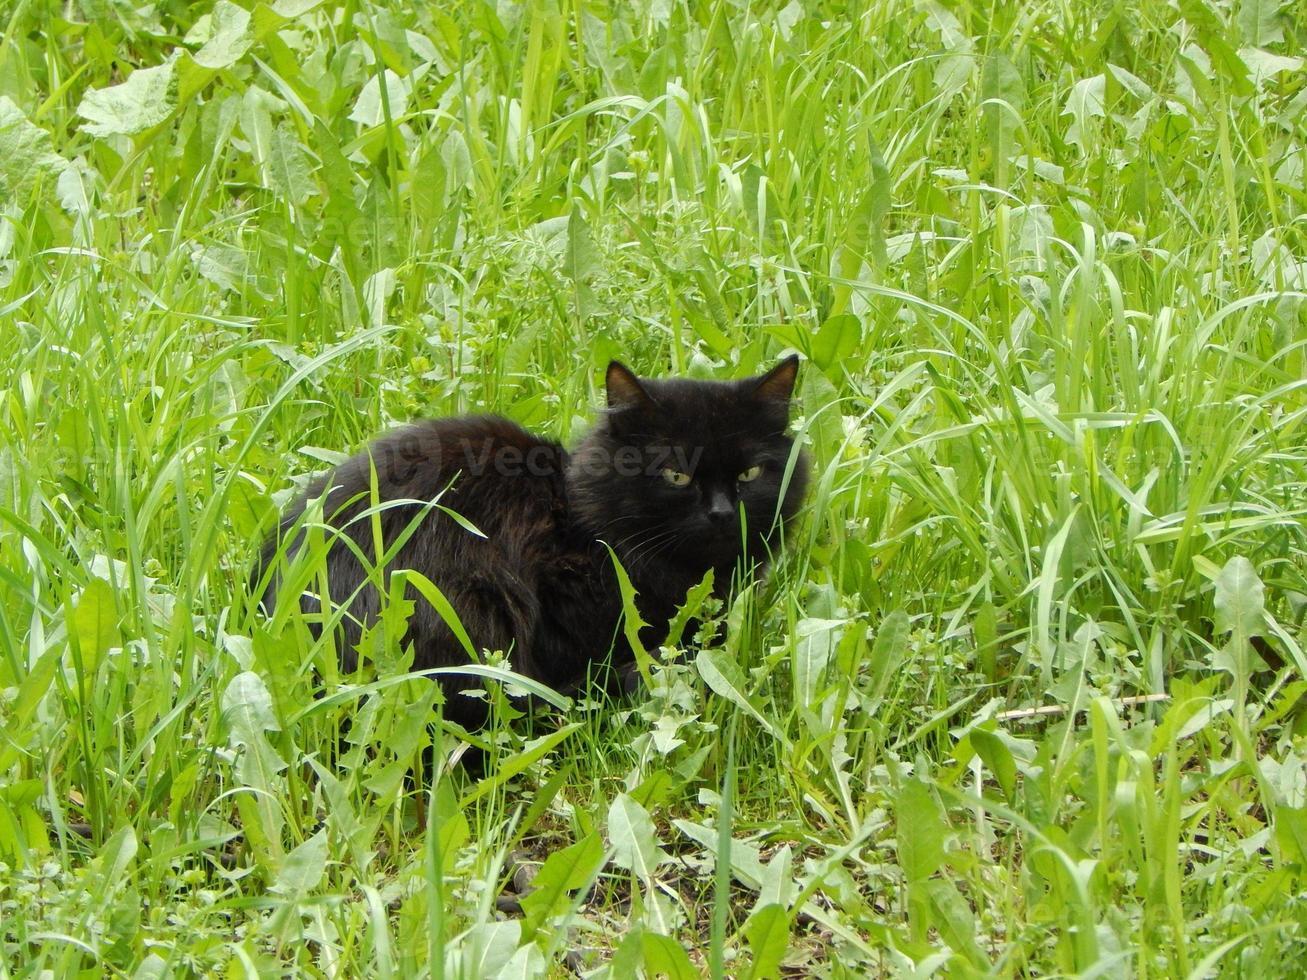 chat noir se cachant dans l'herbe verte. photo